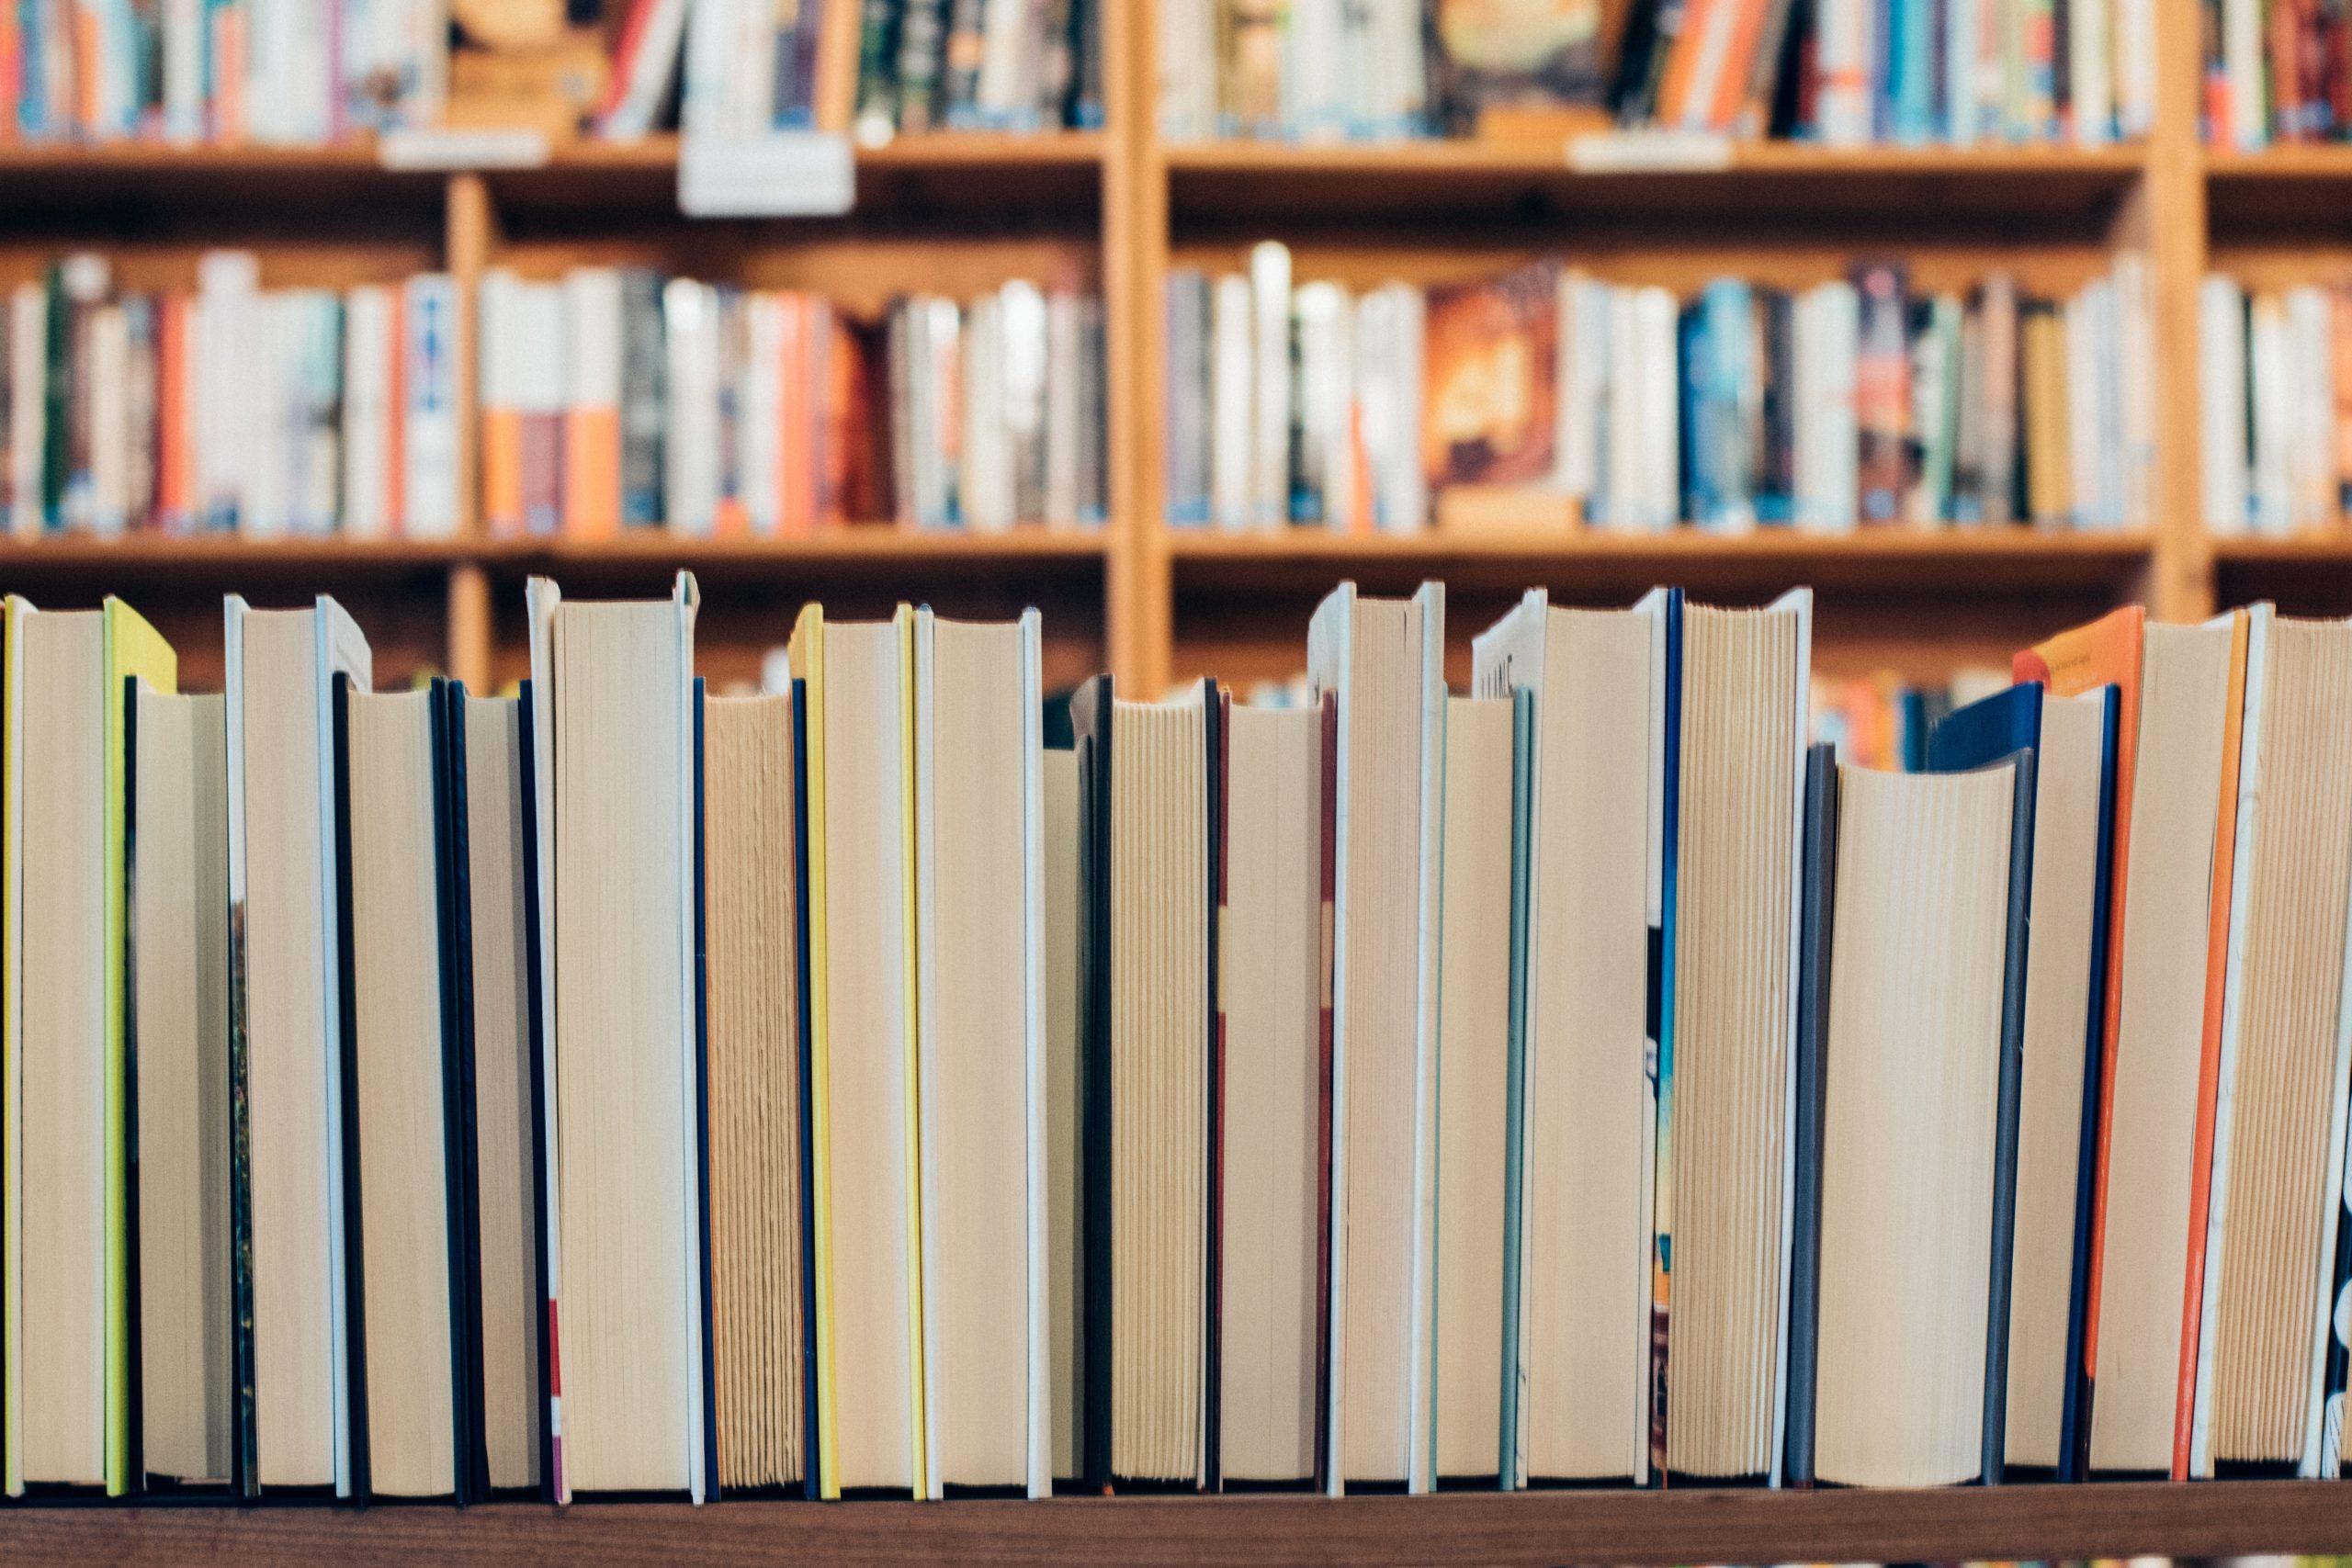 Leseferdighetene svekkes